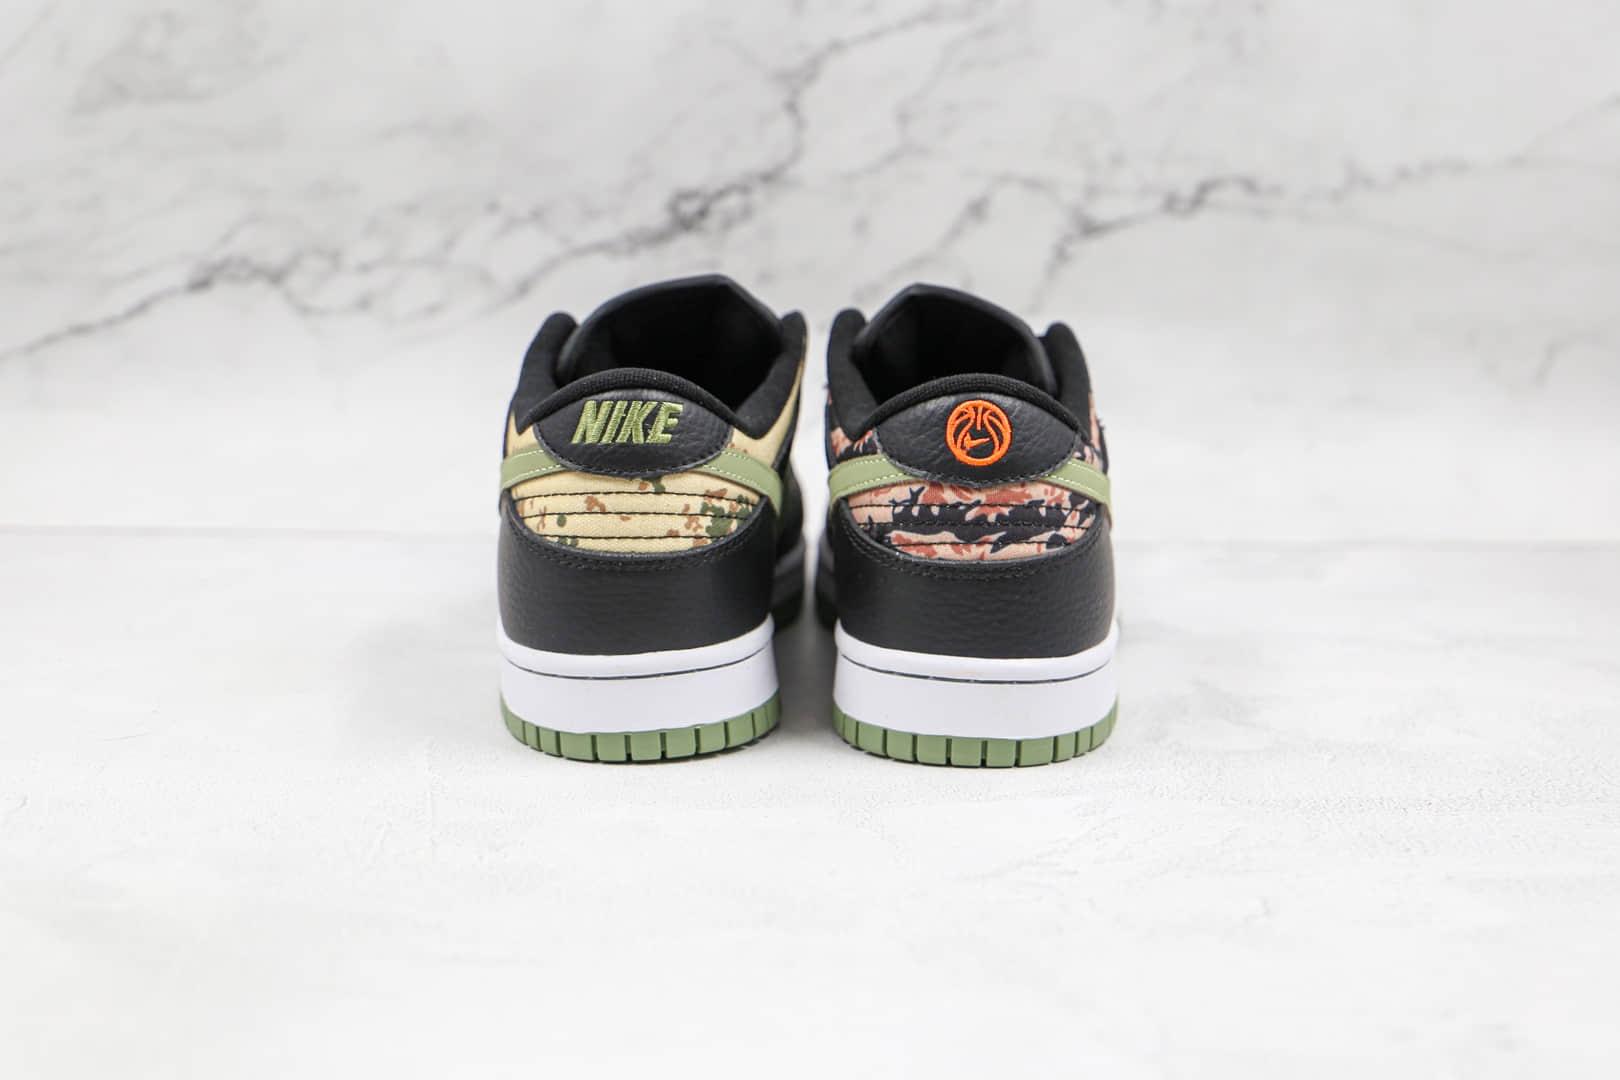 耐克Nike SB Dunk Low Black Multi-Camo纯原版本低帮SB DUNK黑迷彩鸳鸯配色板鞋原楦头纸板打造 货号:DH0957-001